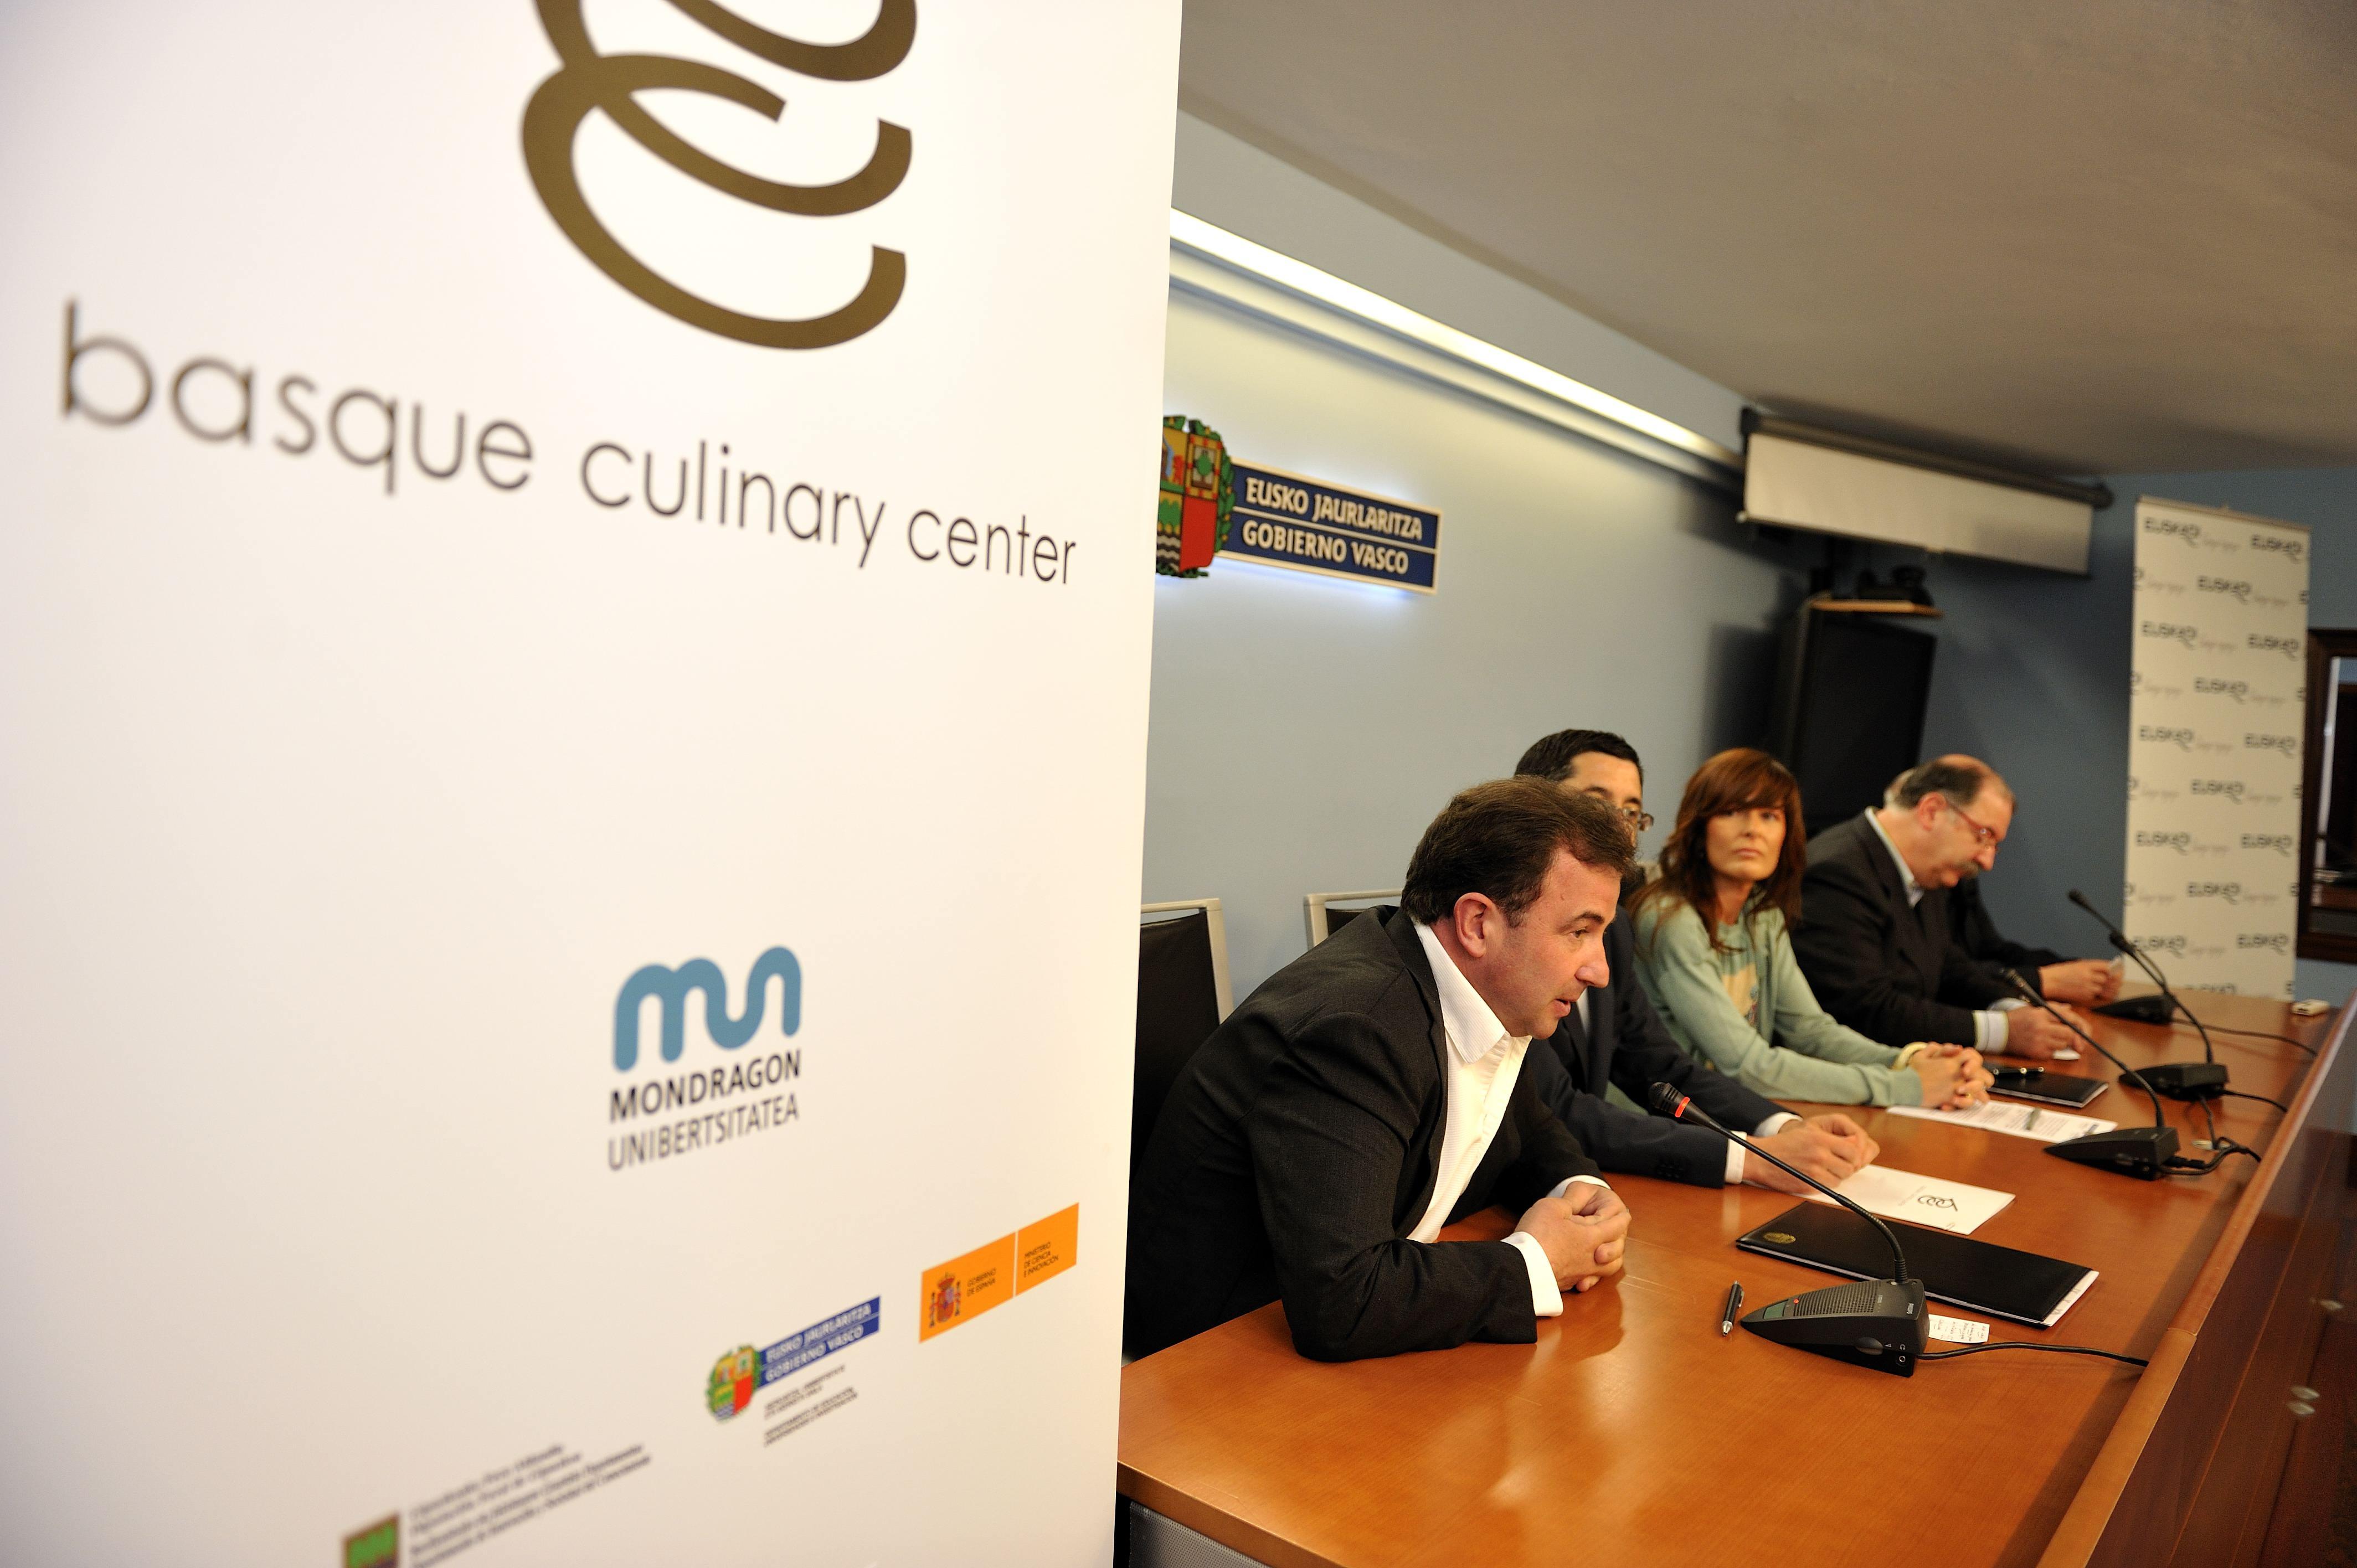 cocineros3.jpg